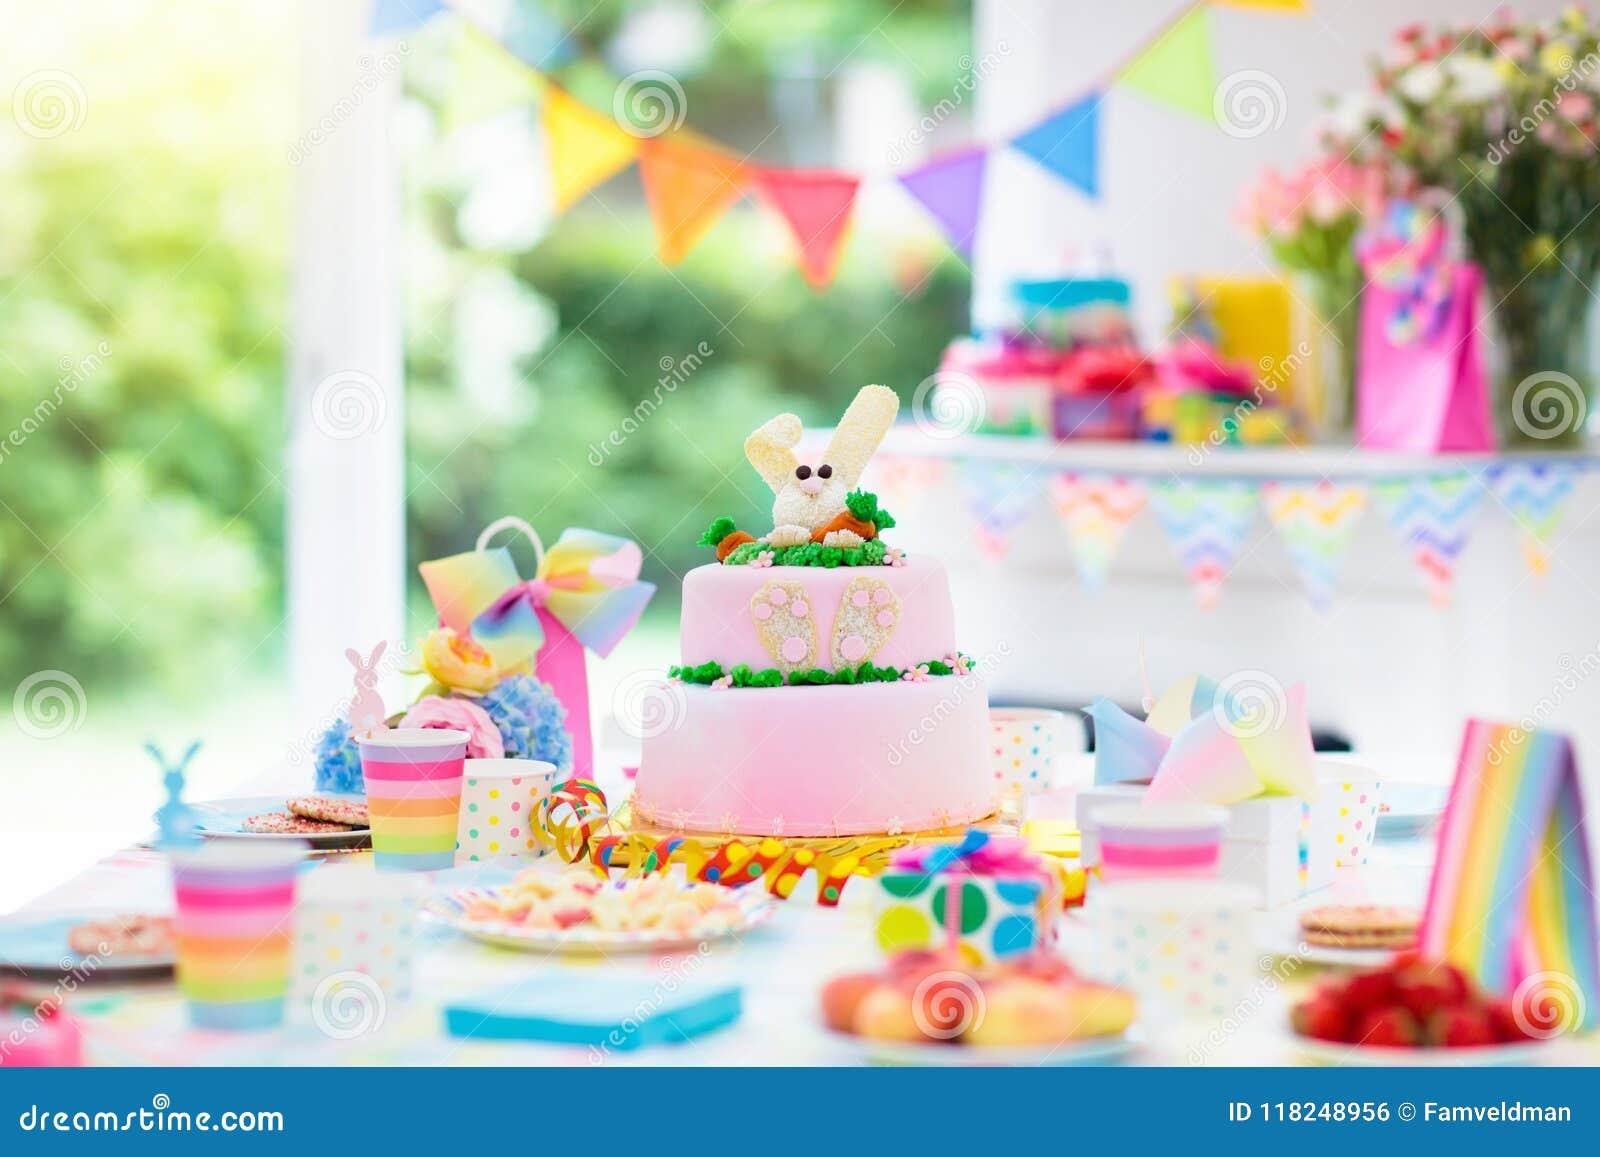 孩子生日聚会装饰和蛋糕